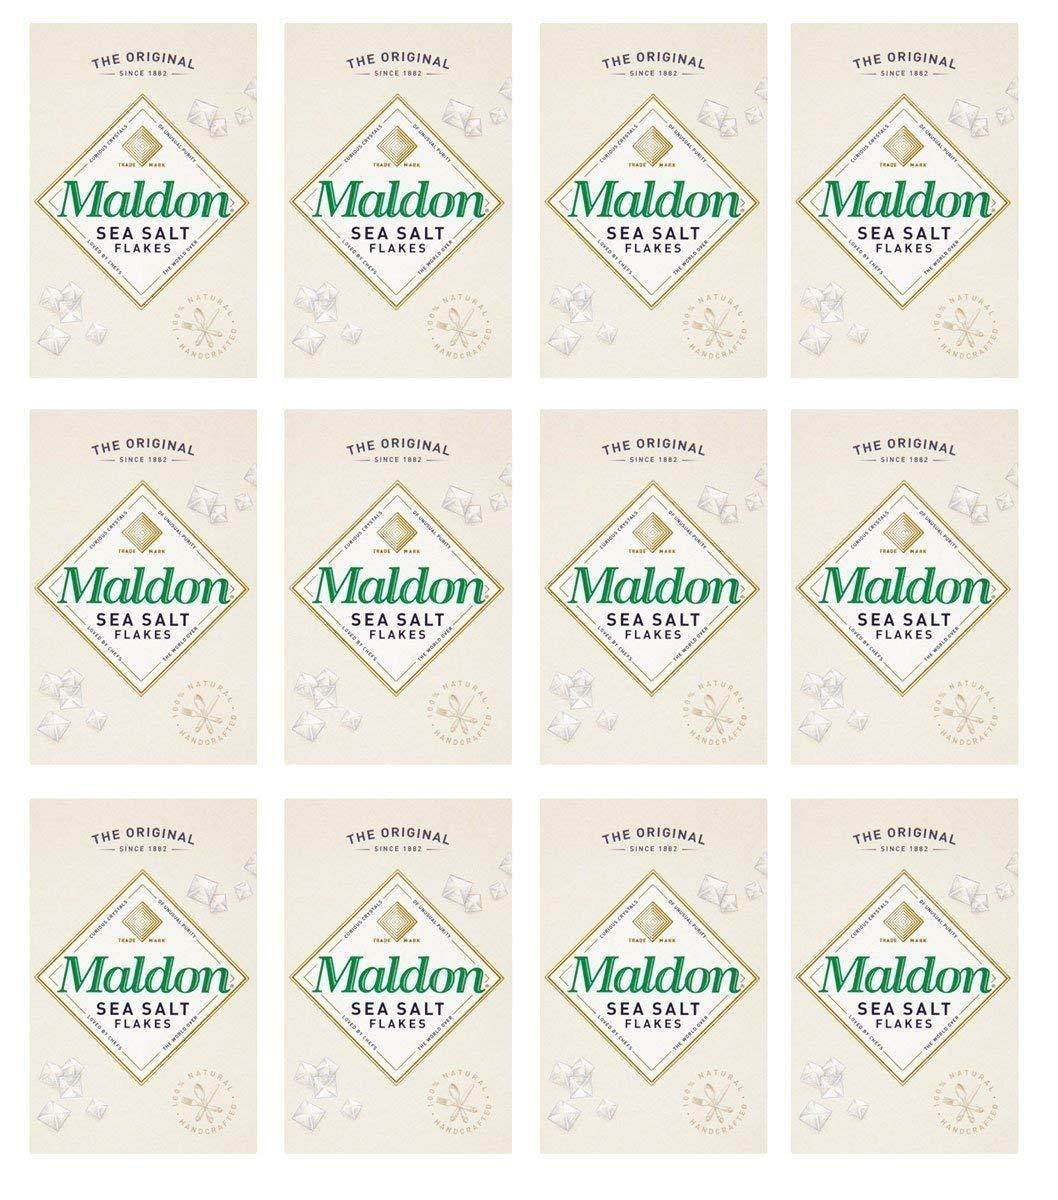 Maldon Sea Salt Flakes, 8.5 ounce Box (Pack of 12)